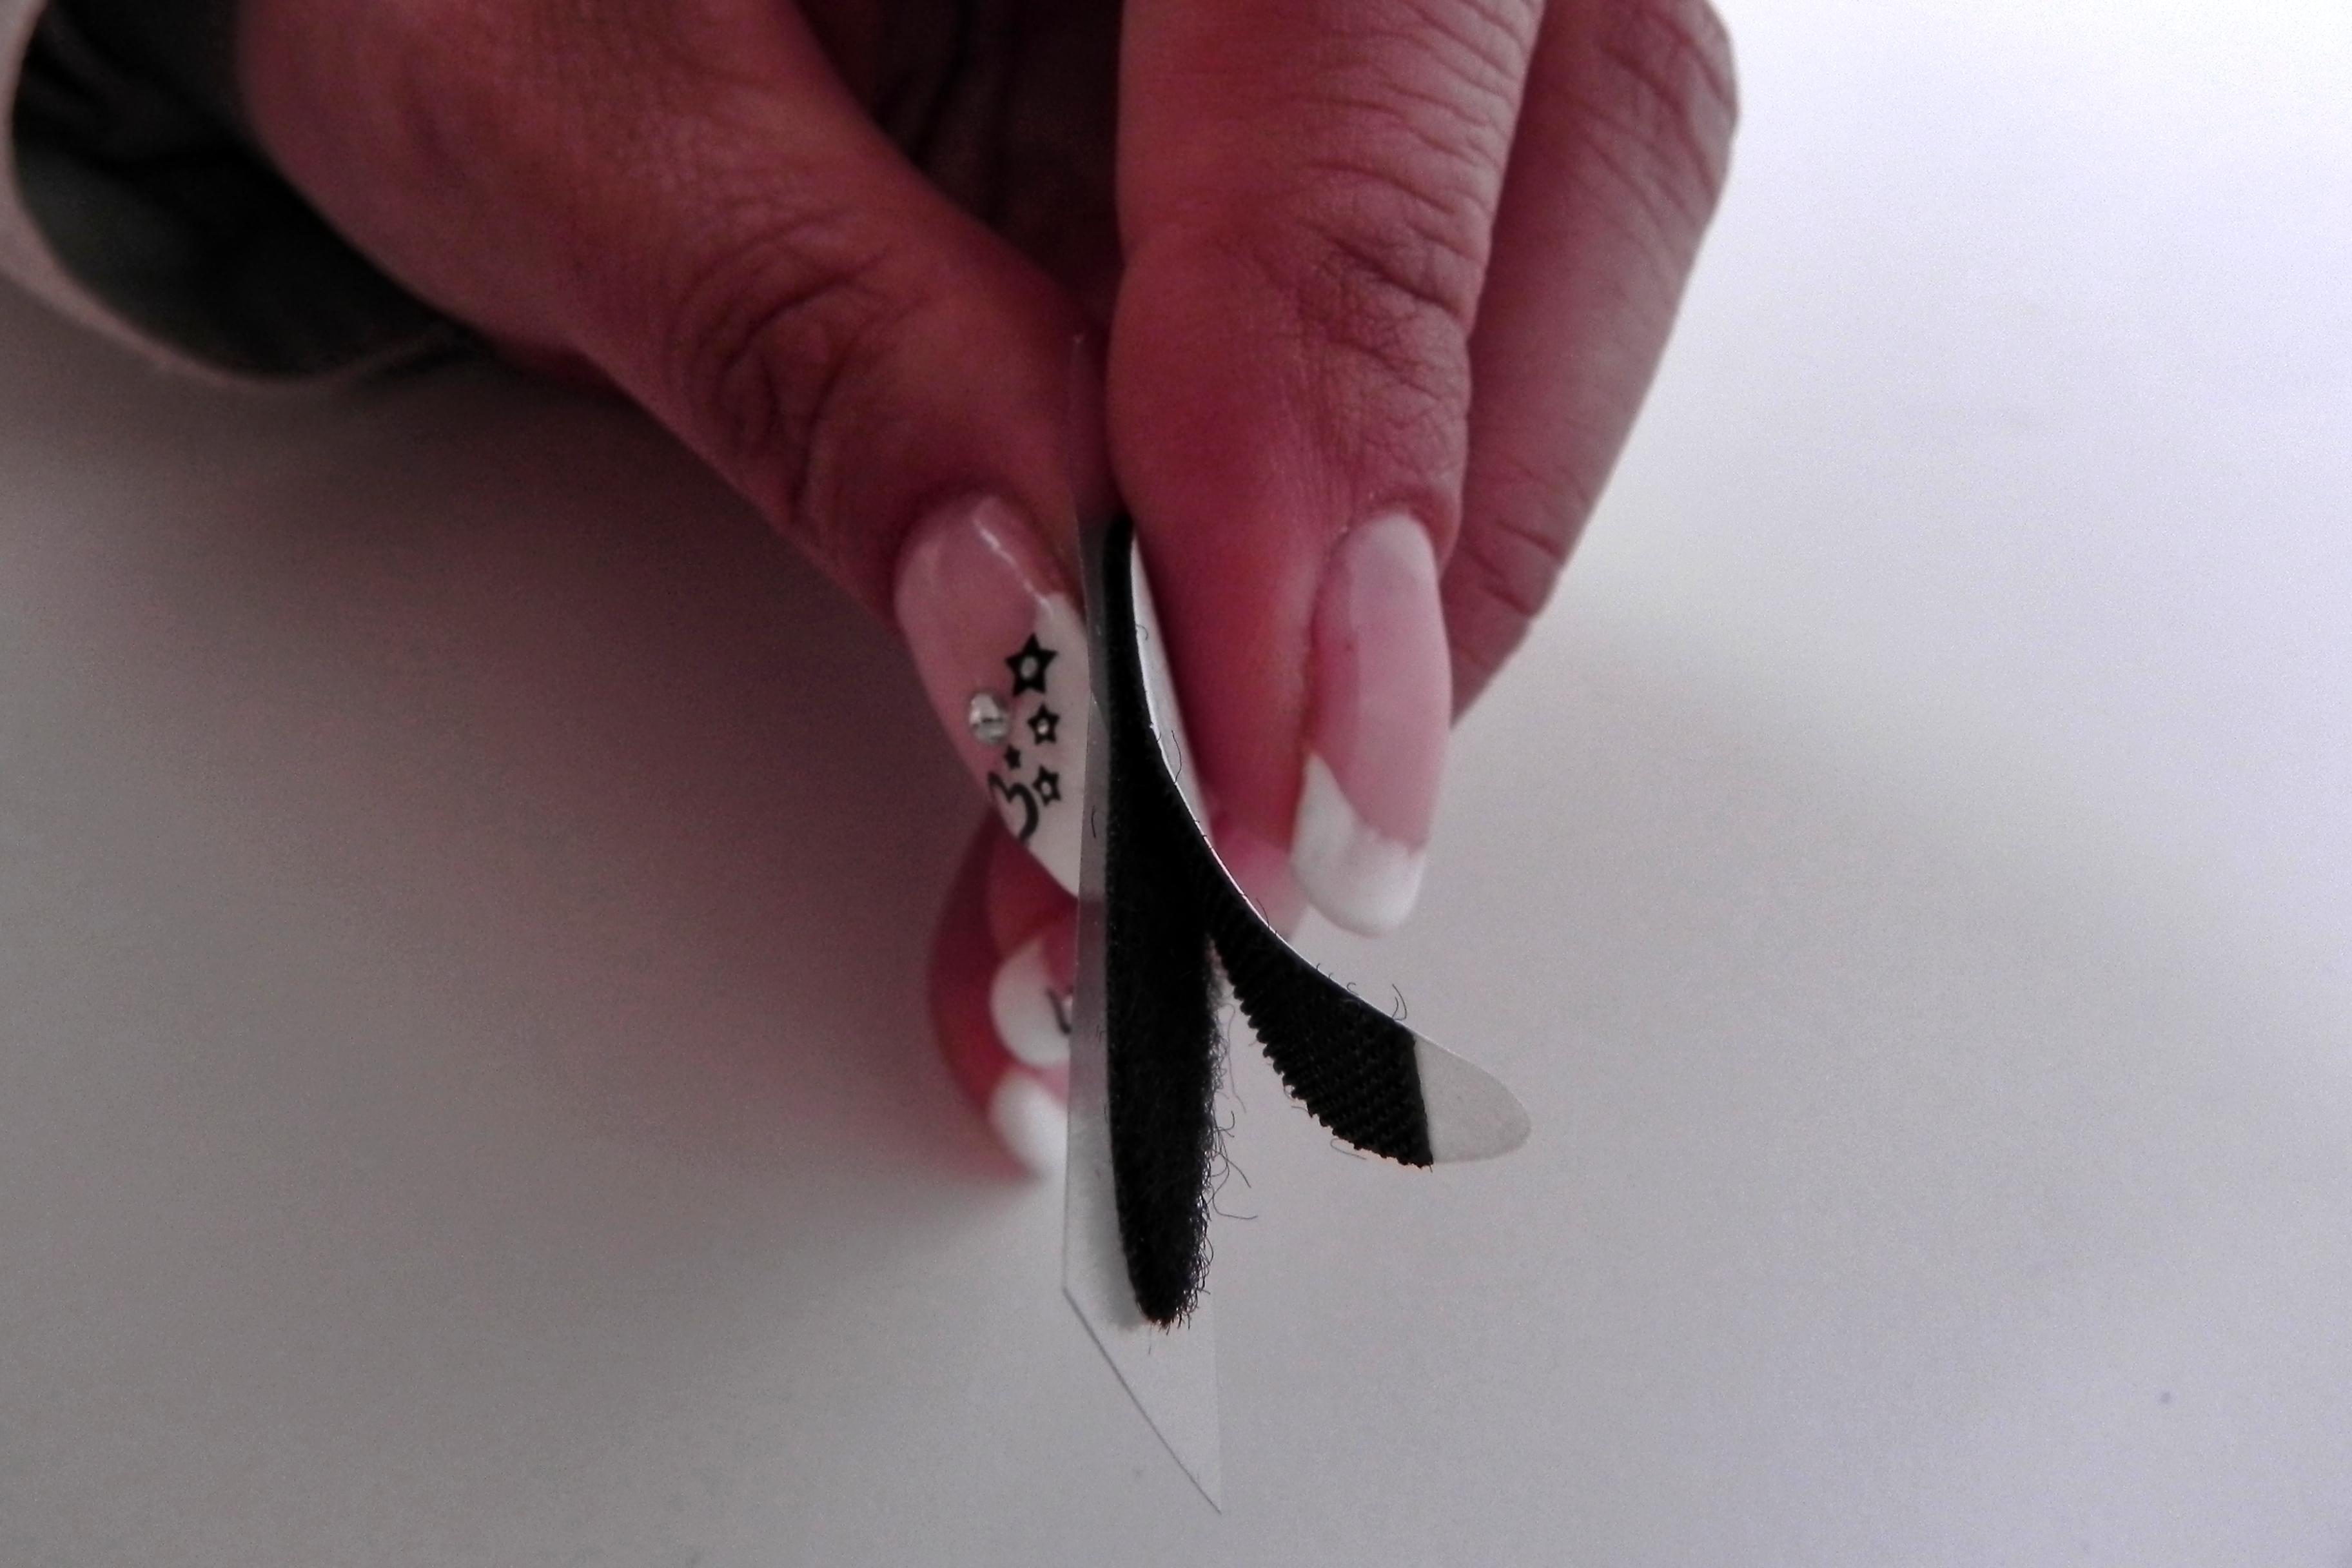 klettband punkte selbstklebend schwarz f r ordner geschenkverpackung jetzt g nstig kaufen. Black Bedroom Furniture Sets. Home Design Ideas